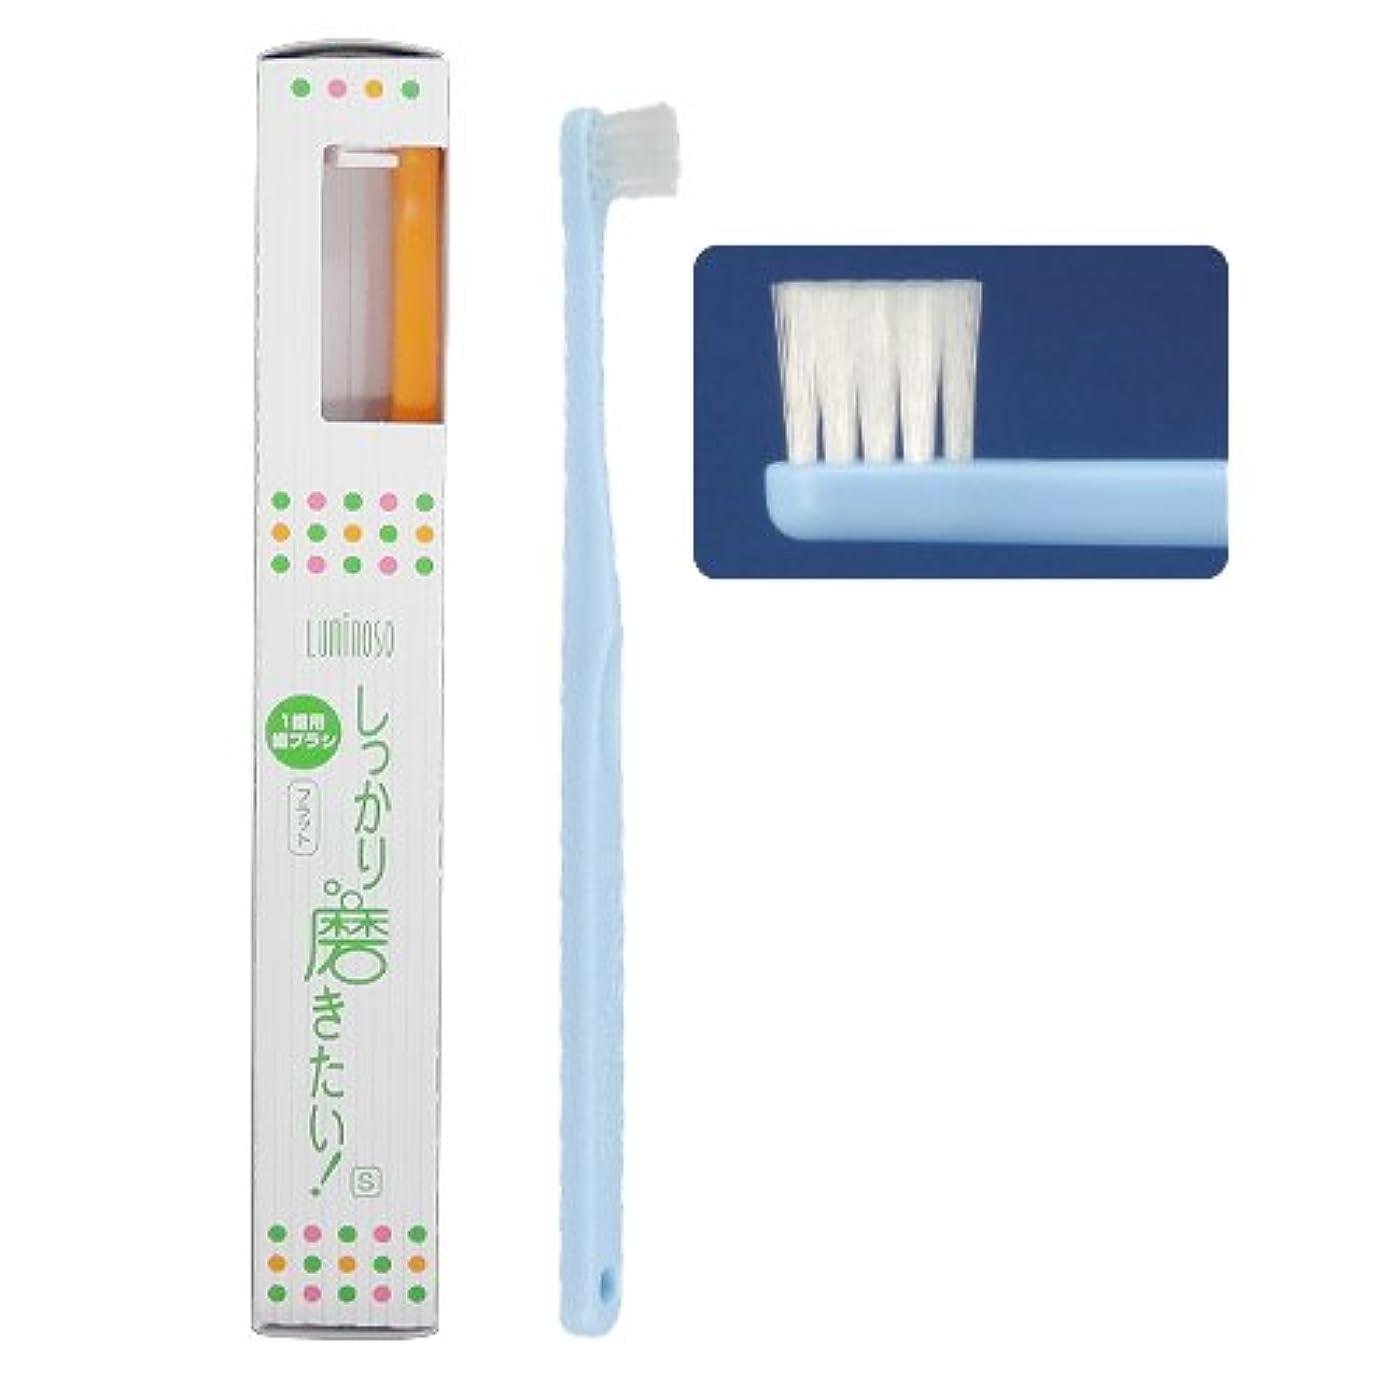 荒廃する月曜メダルルミノソ 1歯用歯ブラシ 「しっかり磨きたい!」 フラット/ソフト